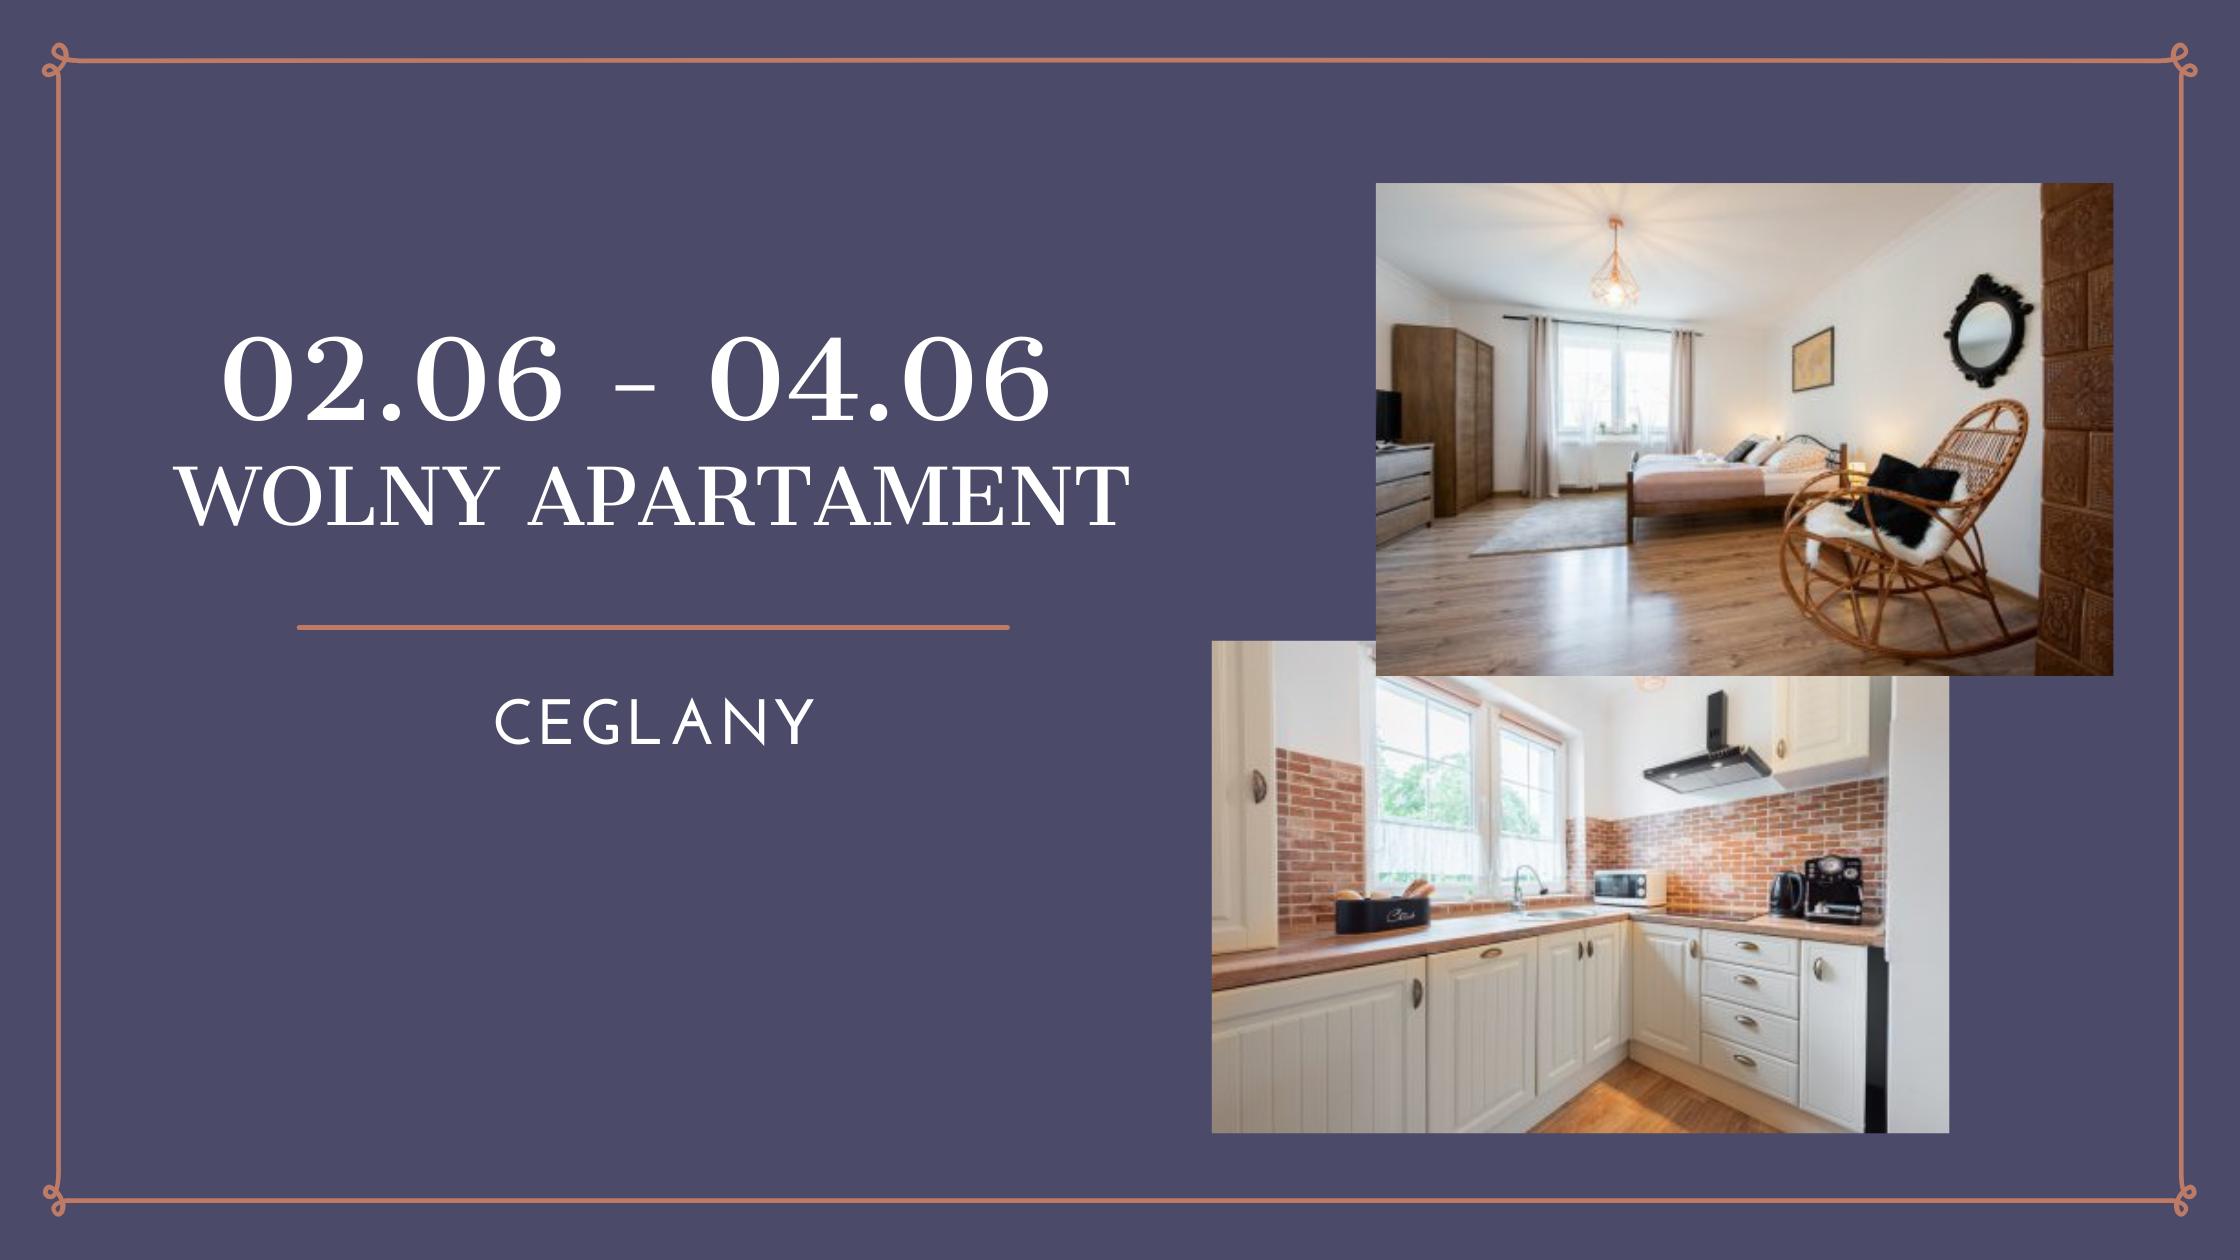 Wolny apartament Oświęcim od 02.06 do 04.06